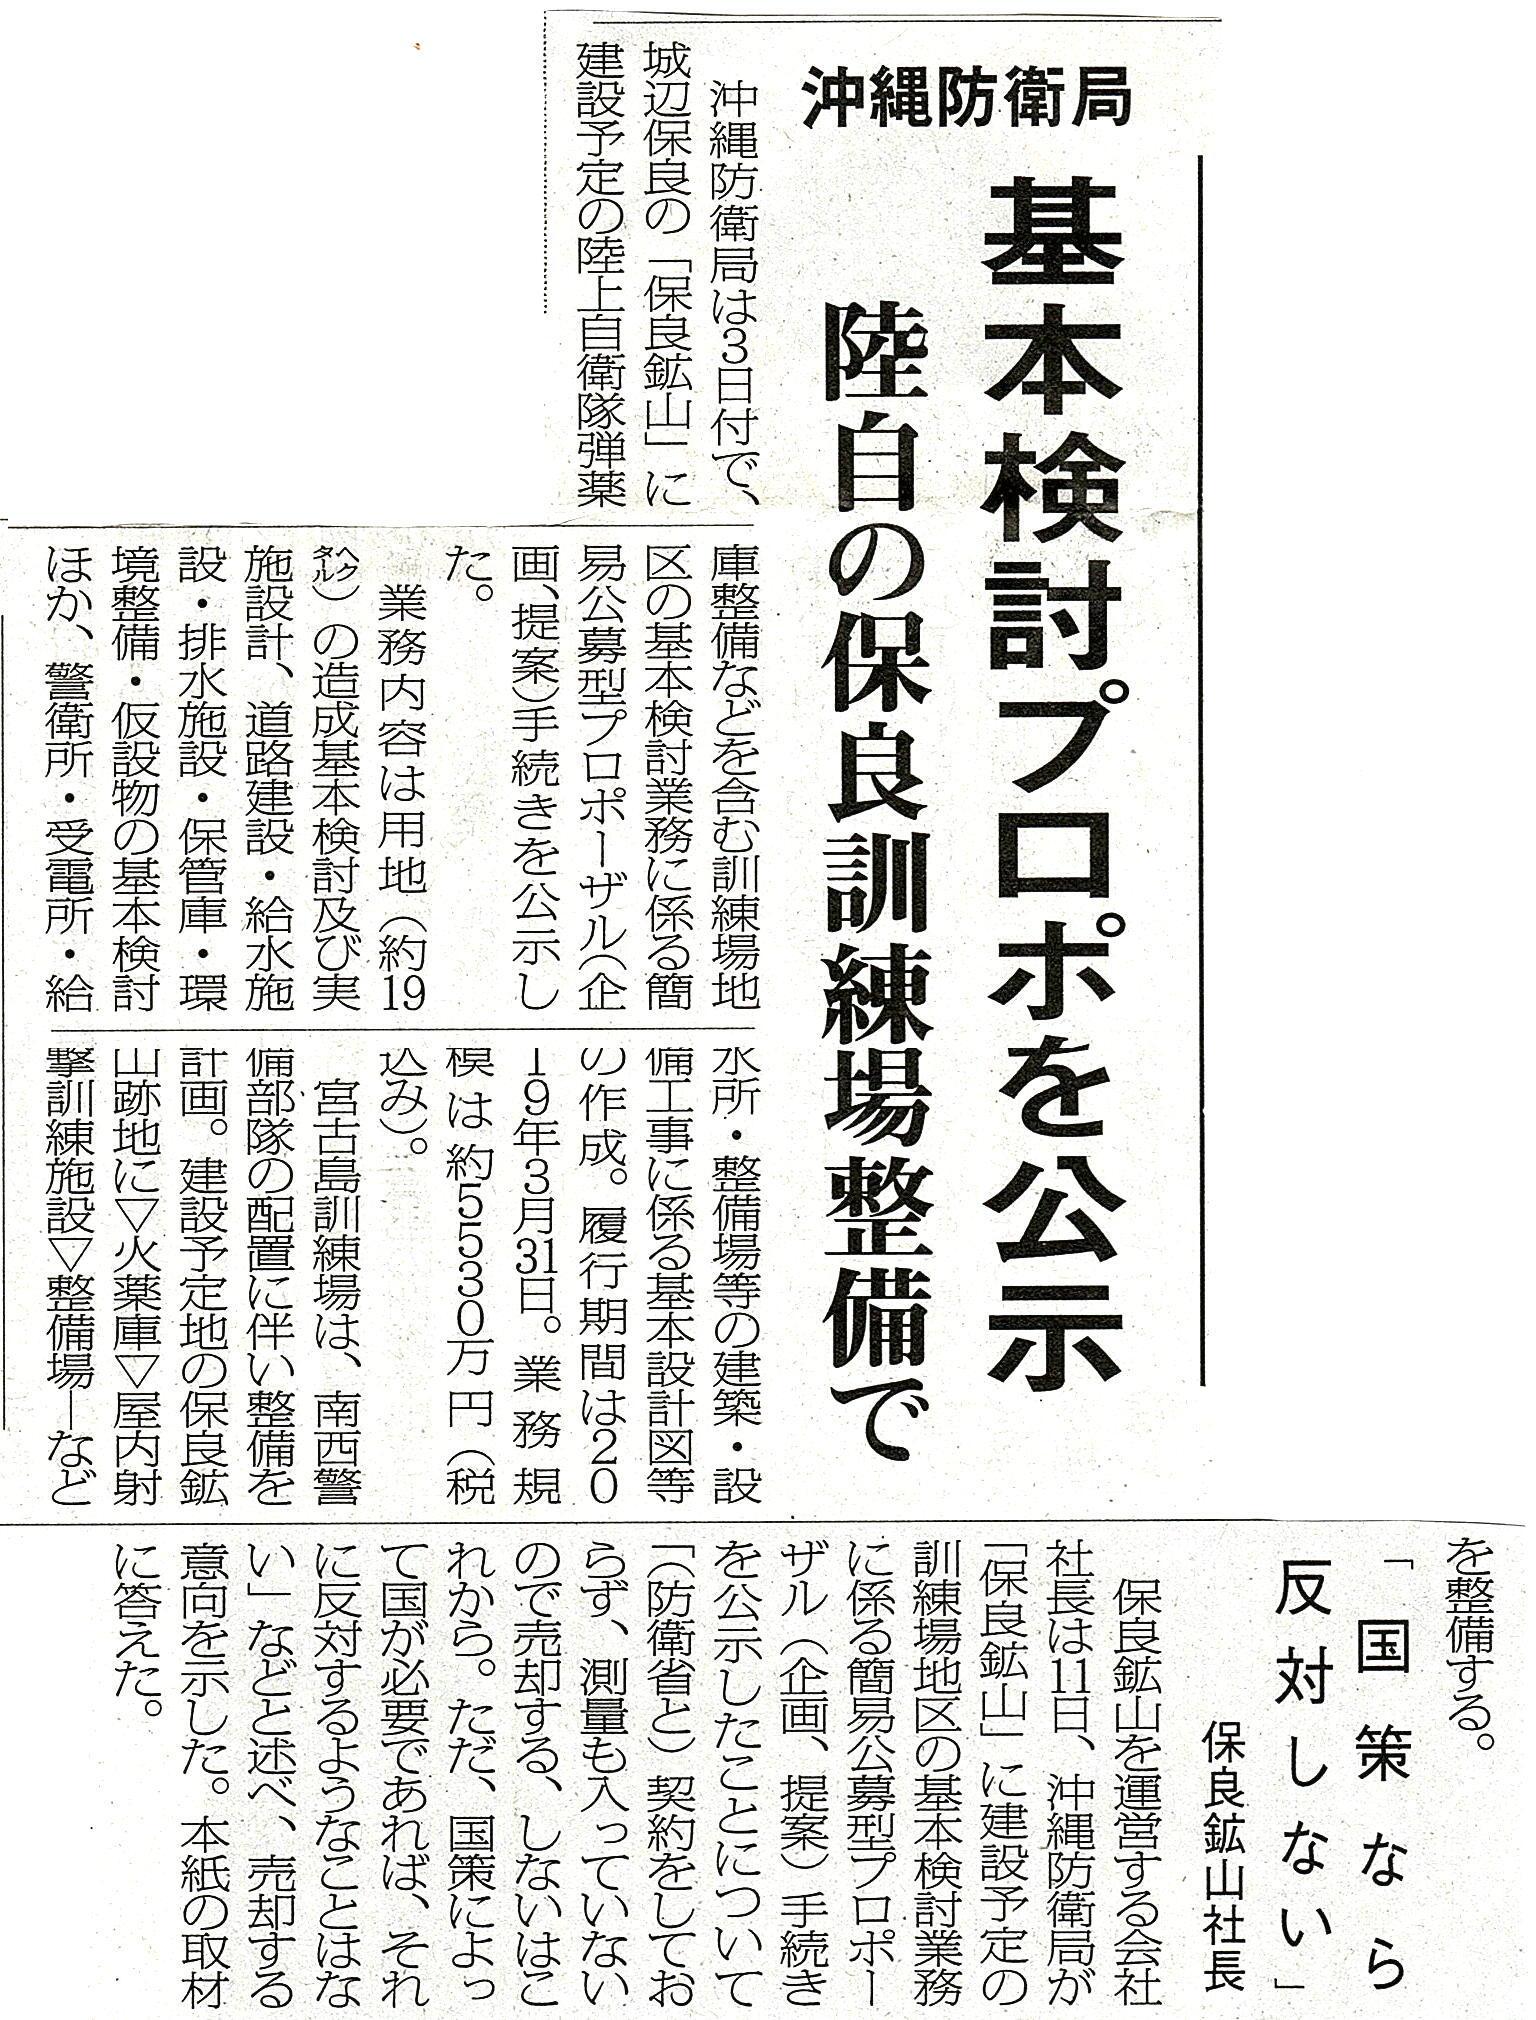 miyakomainichi2018 08121